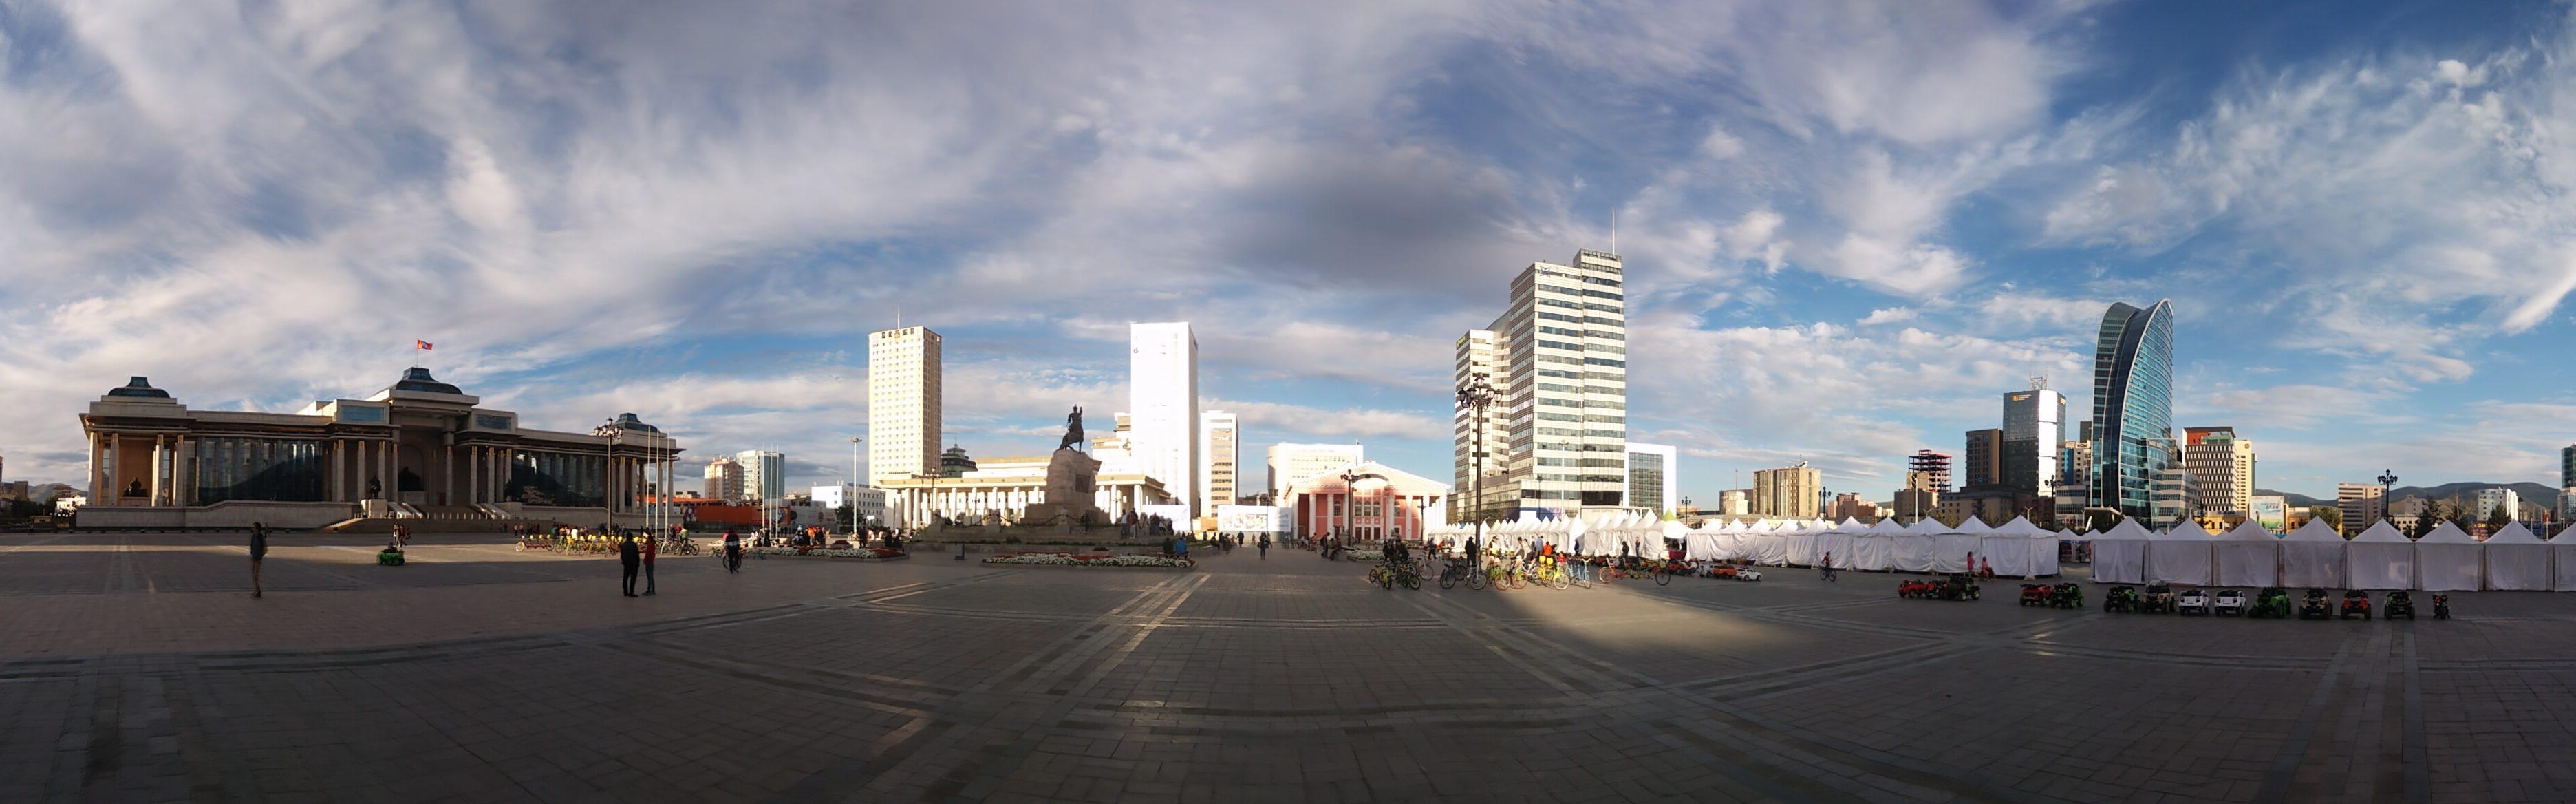 Chengis Square Ulan Bator